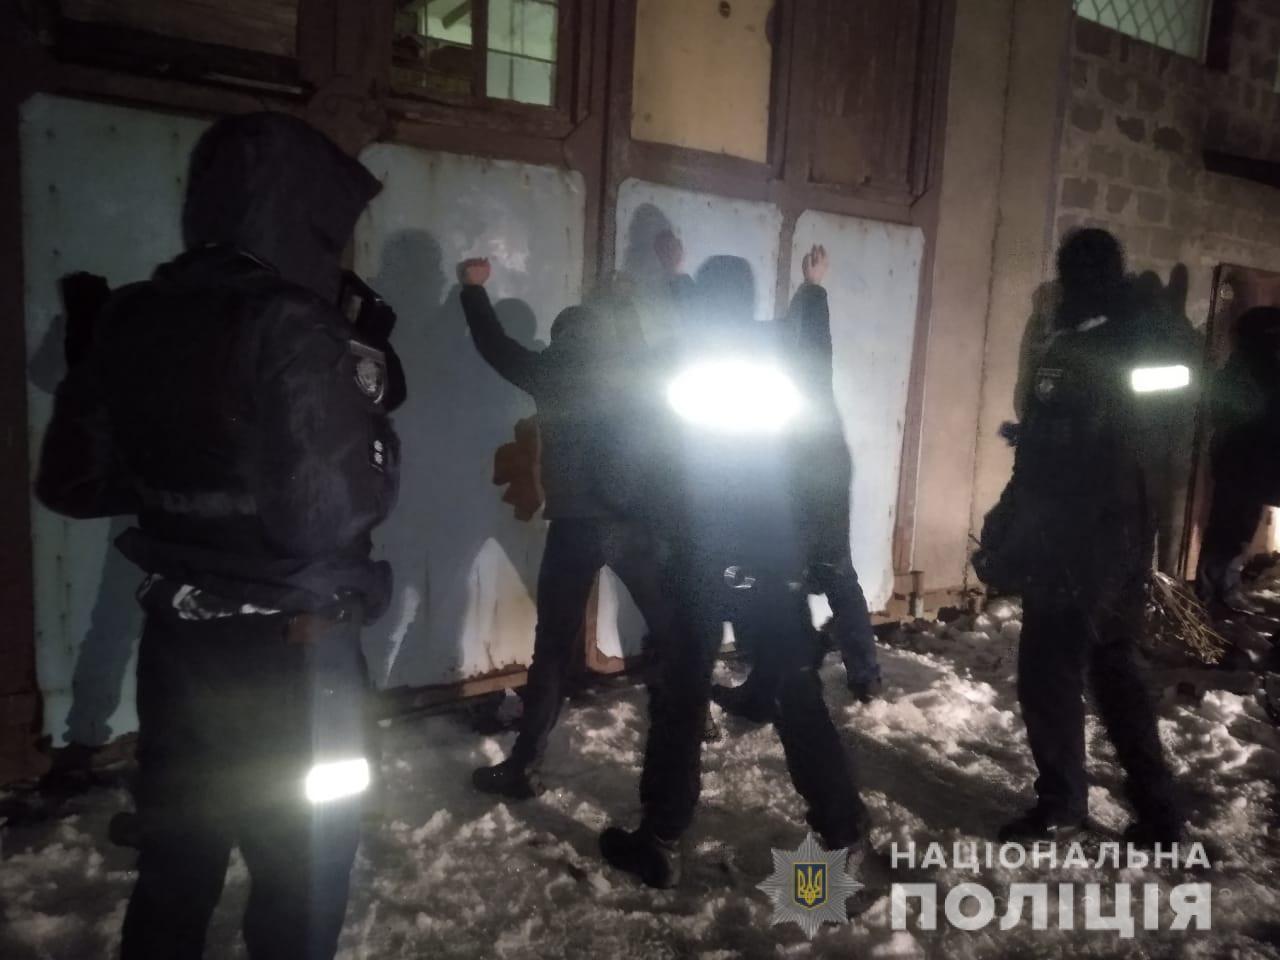 Понад 10 озброєних чоловіків хотіли пограбувати одне з товариств області